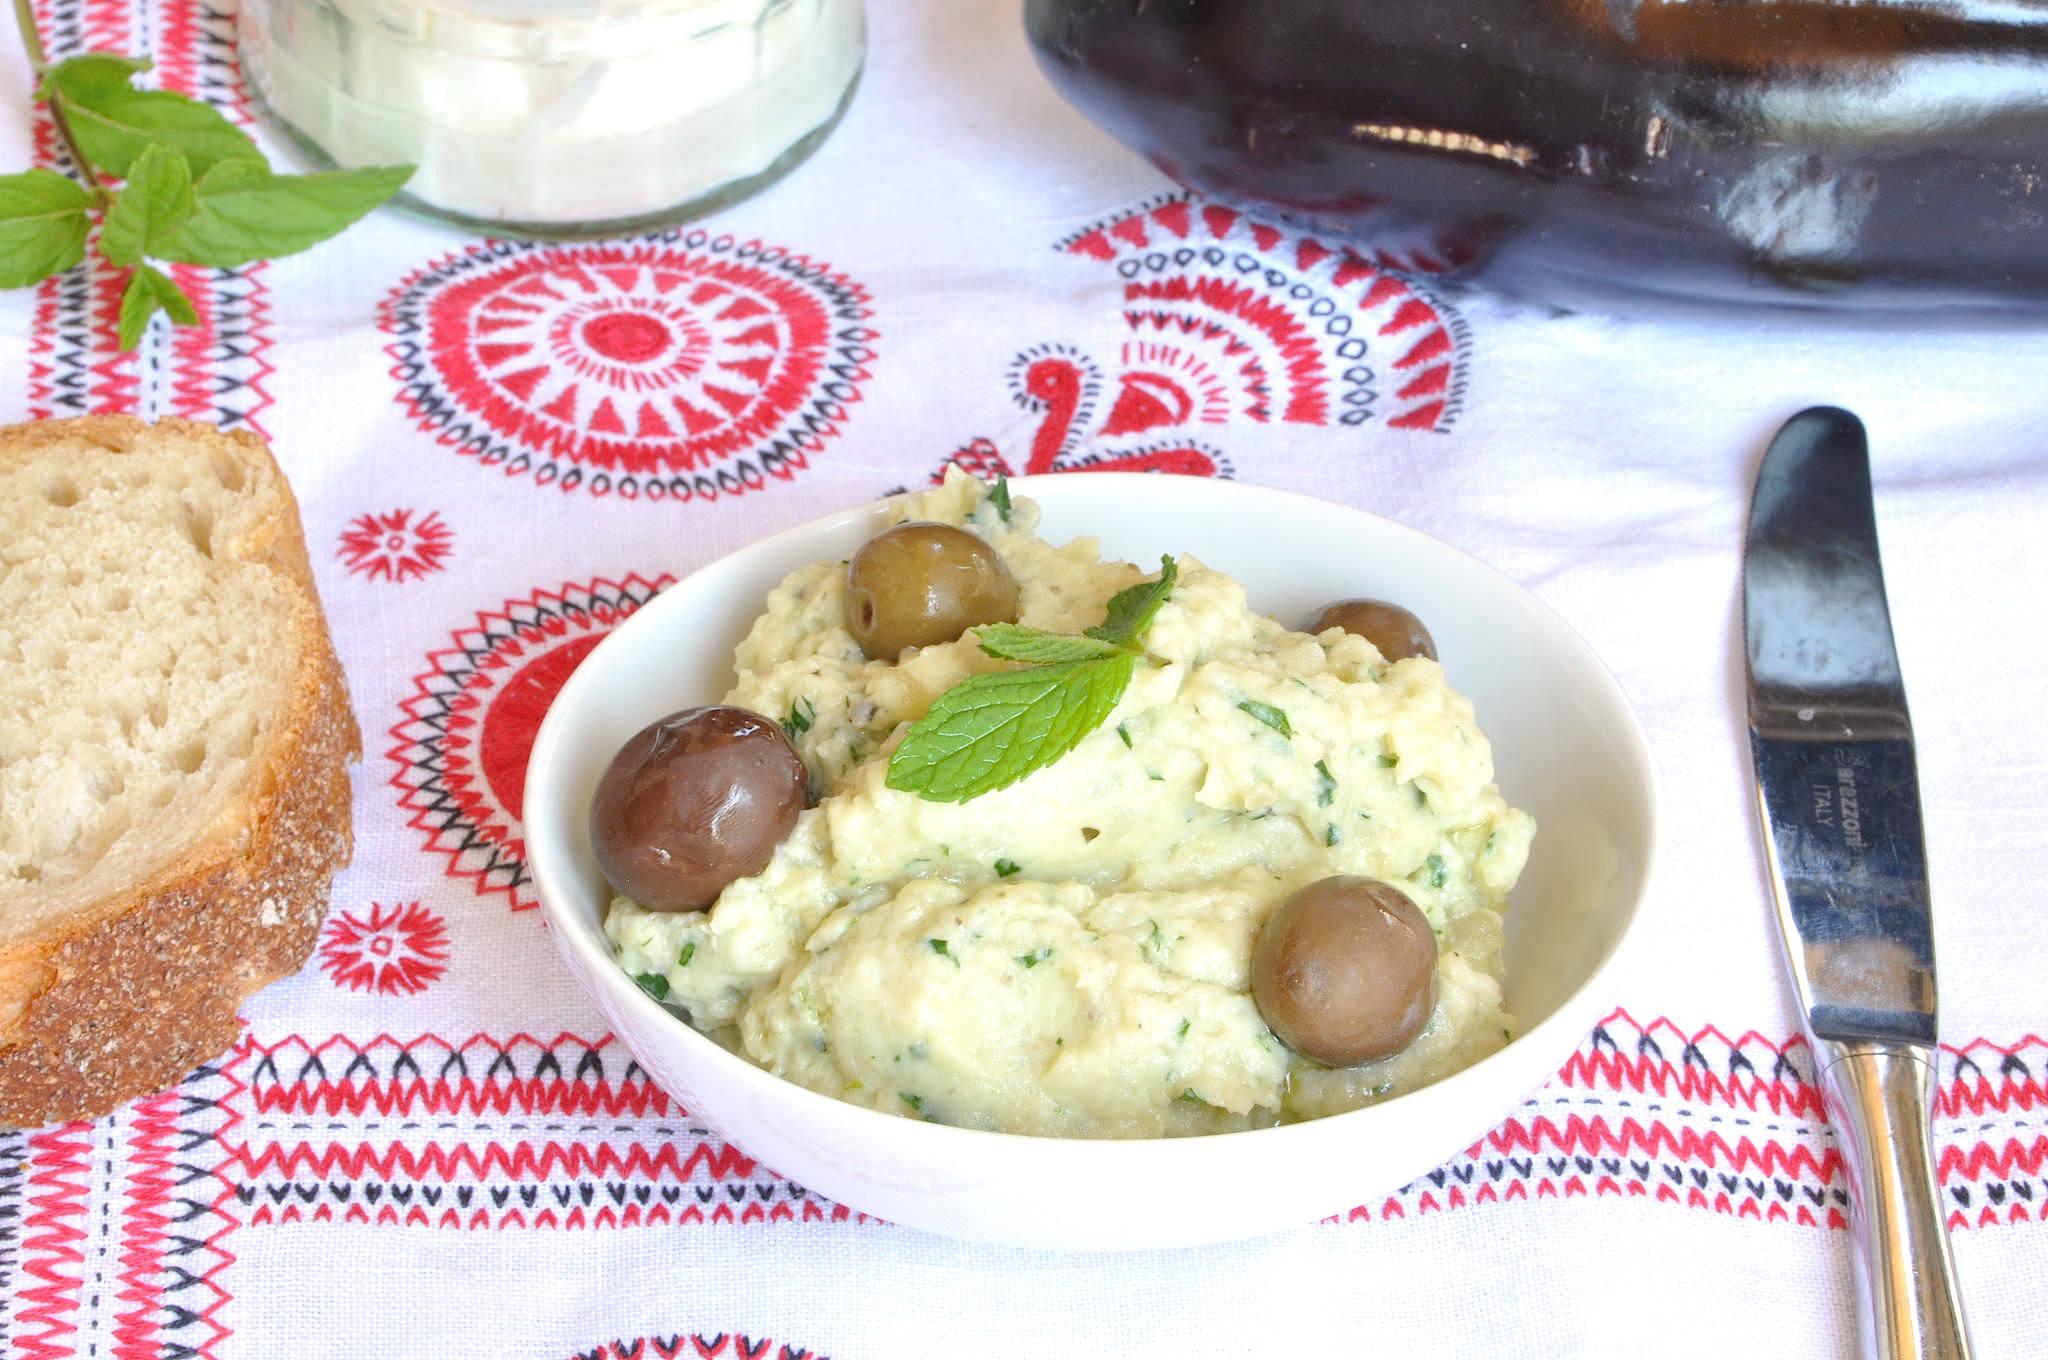 Ricetta bimby yogurt greco ricette popolari sito culinario for Cucinare yogurt greco